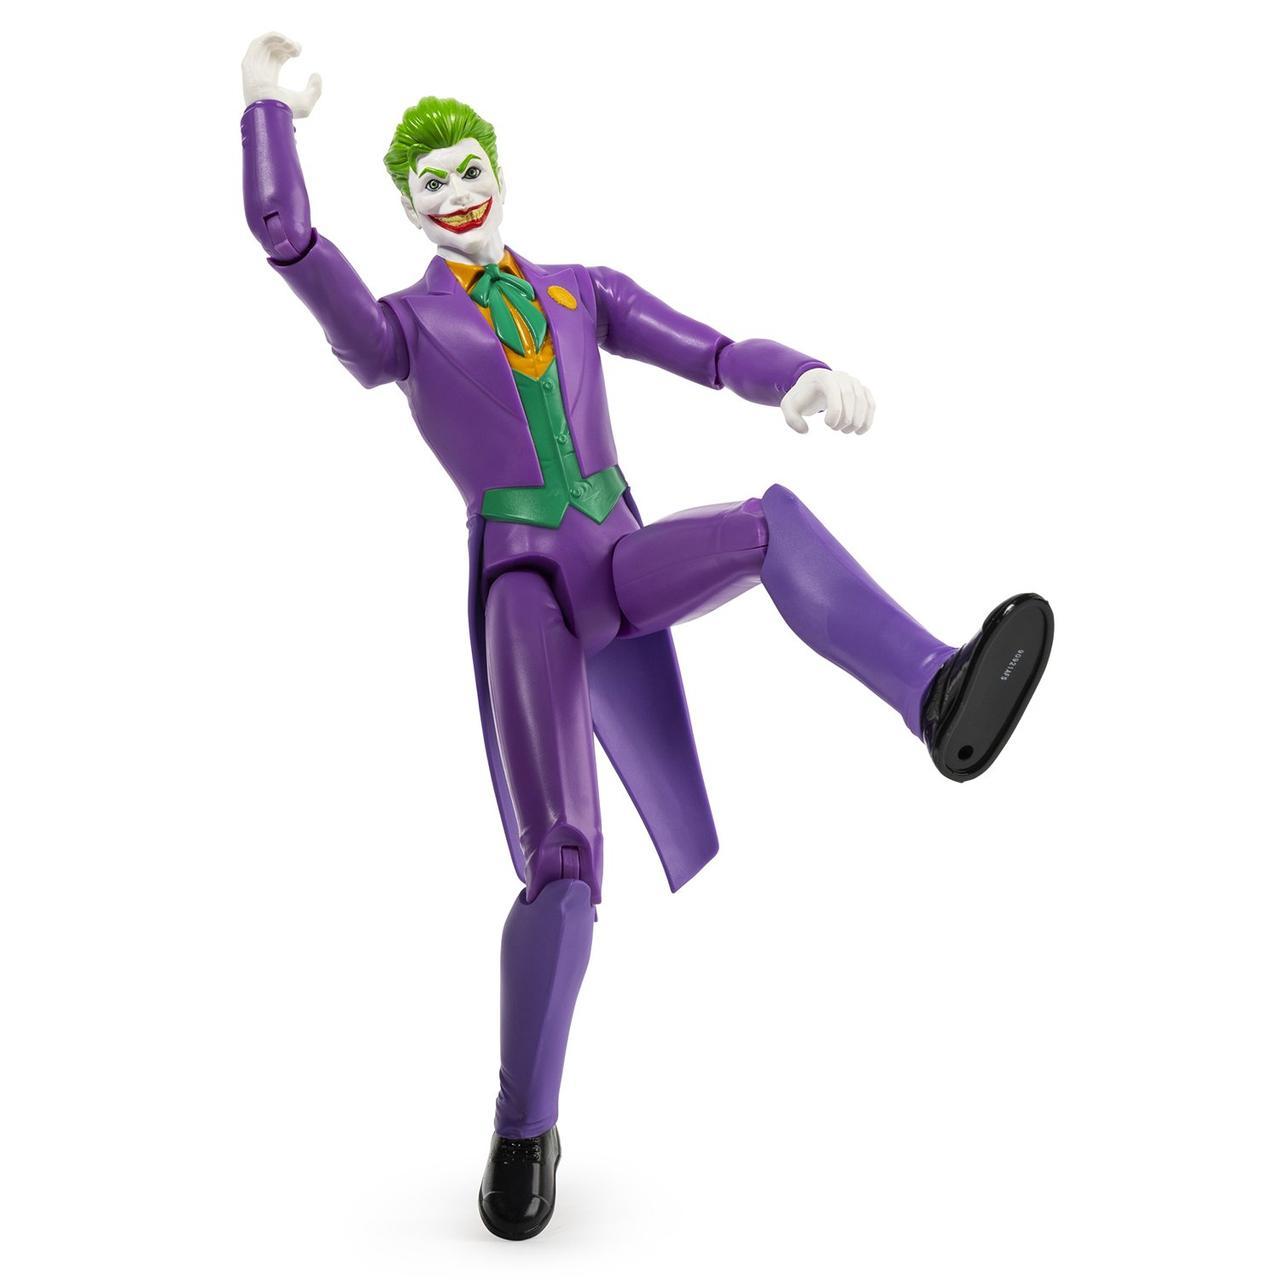 DC Comics Фигурка Джокер, 30 см.